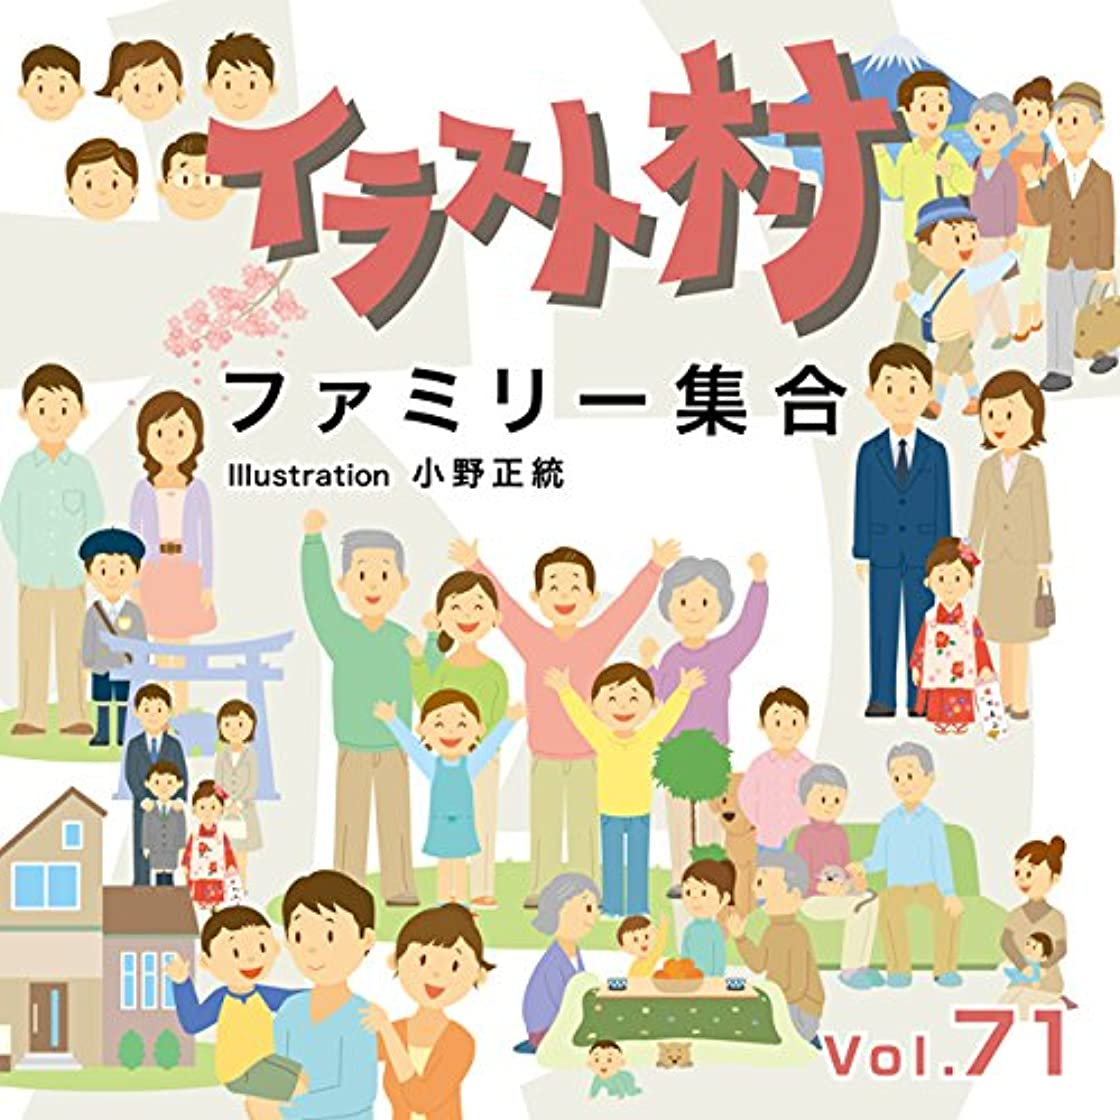 トランク夜難民イラスト村 Vol.71 ファミリー集合